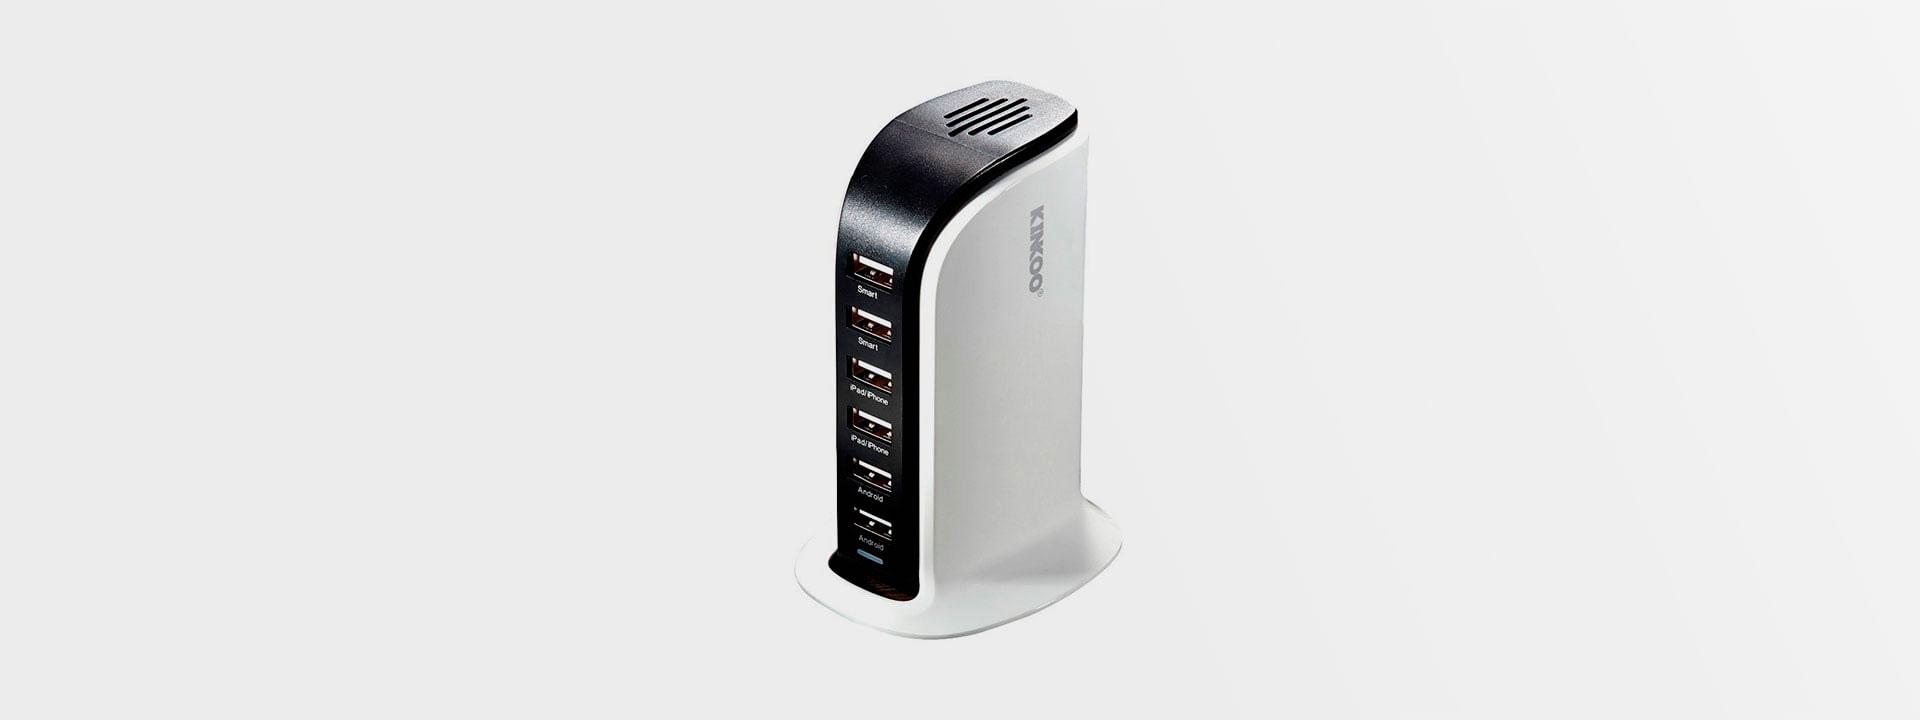 Высокоскоростное зарядное USB устройство Kinkoo